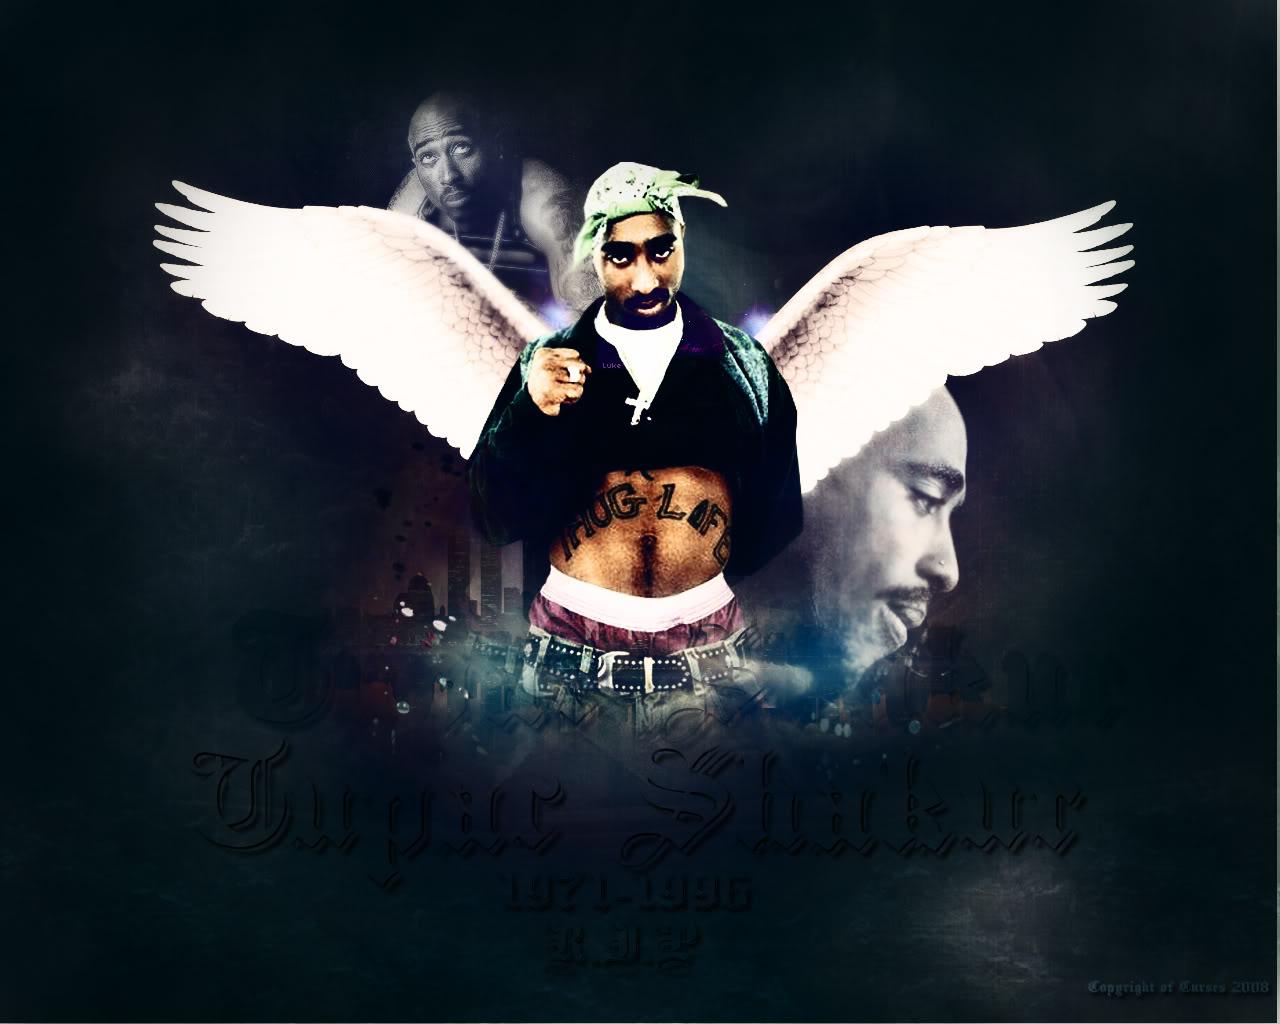 http://1.bp.blogspot.com/_yEKpHNqPc4k/TLdlnmu5SQI/AAAAAAAABGk/UnsGpkEGXVE/s1600/Tupac-Shakur-Wallpaper.jpg